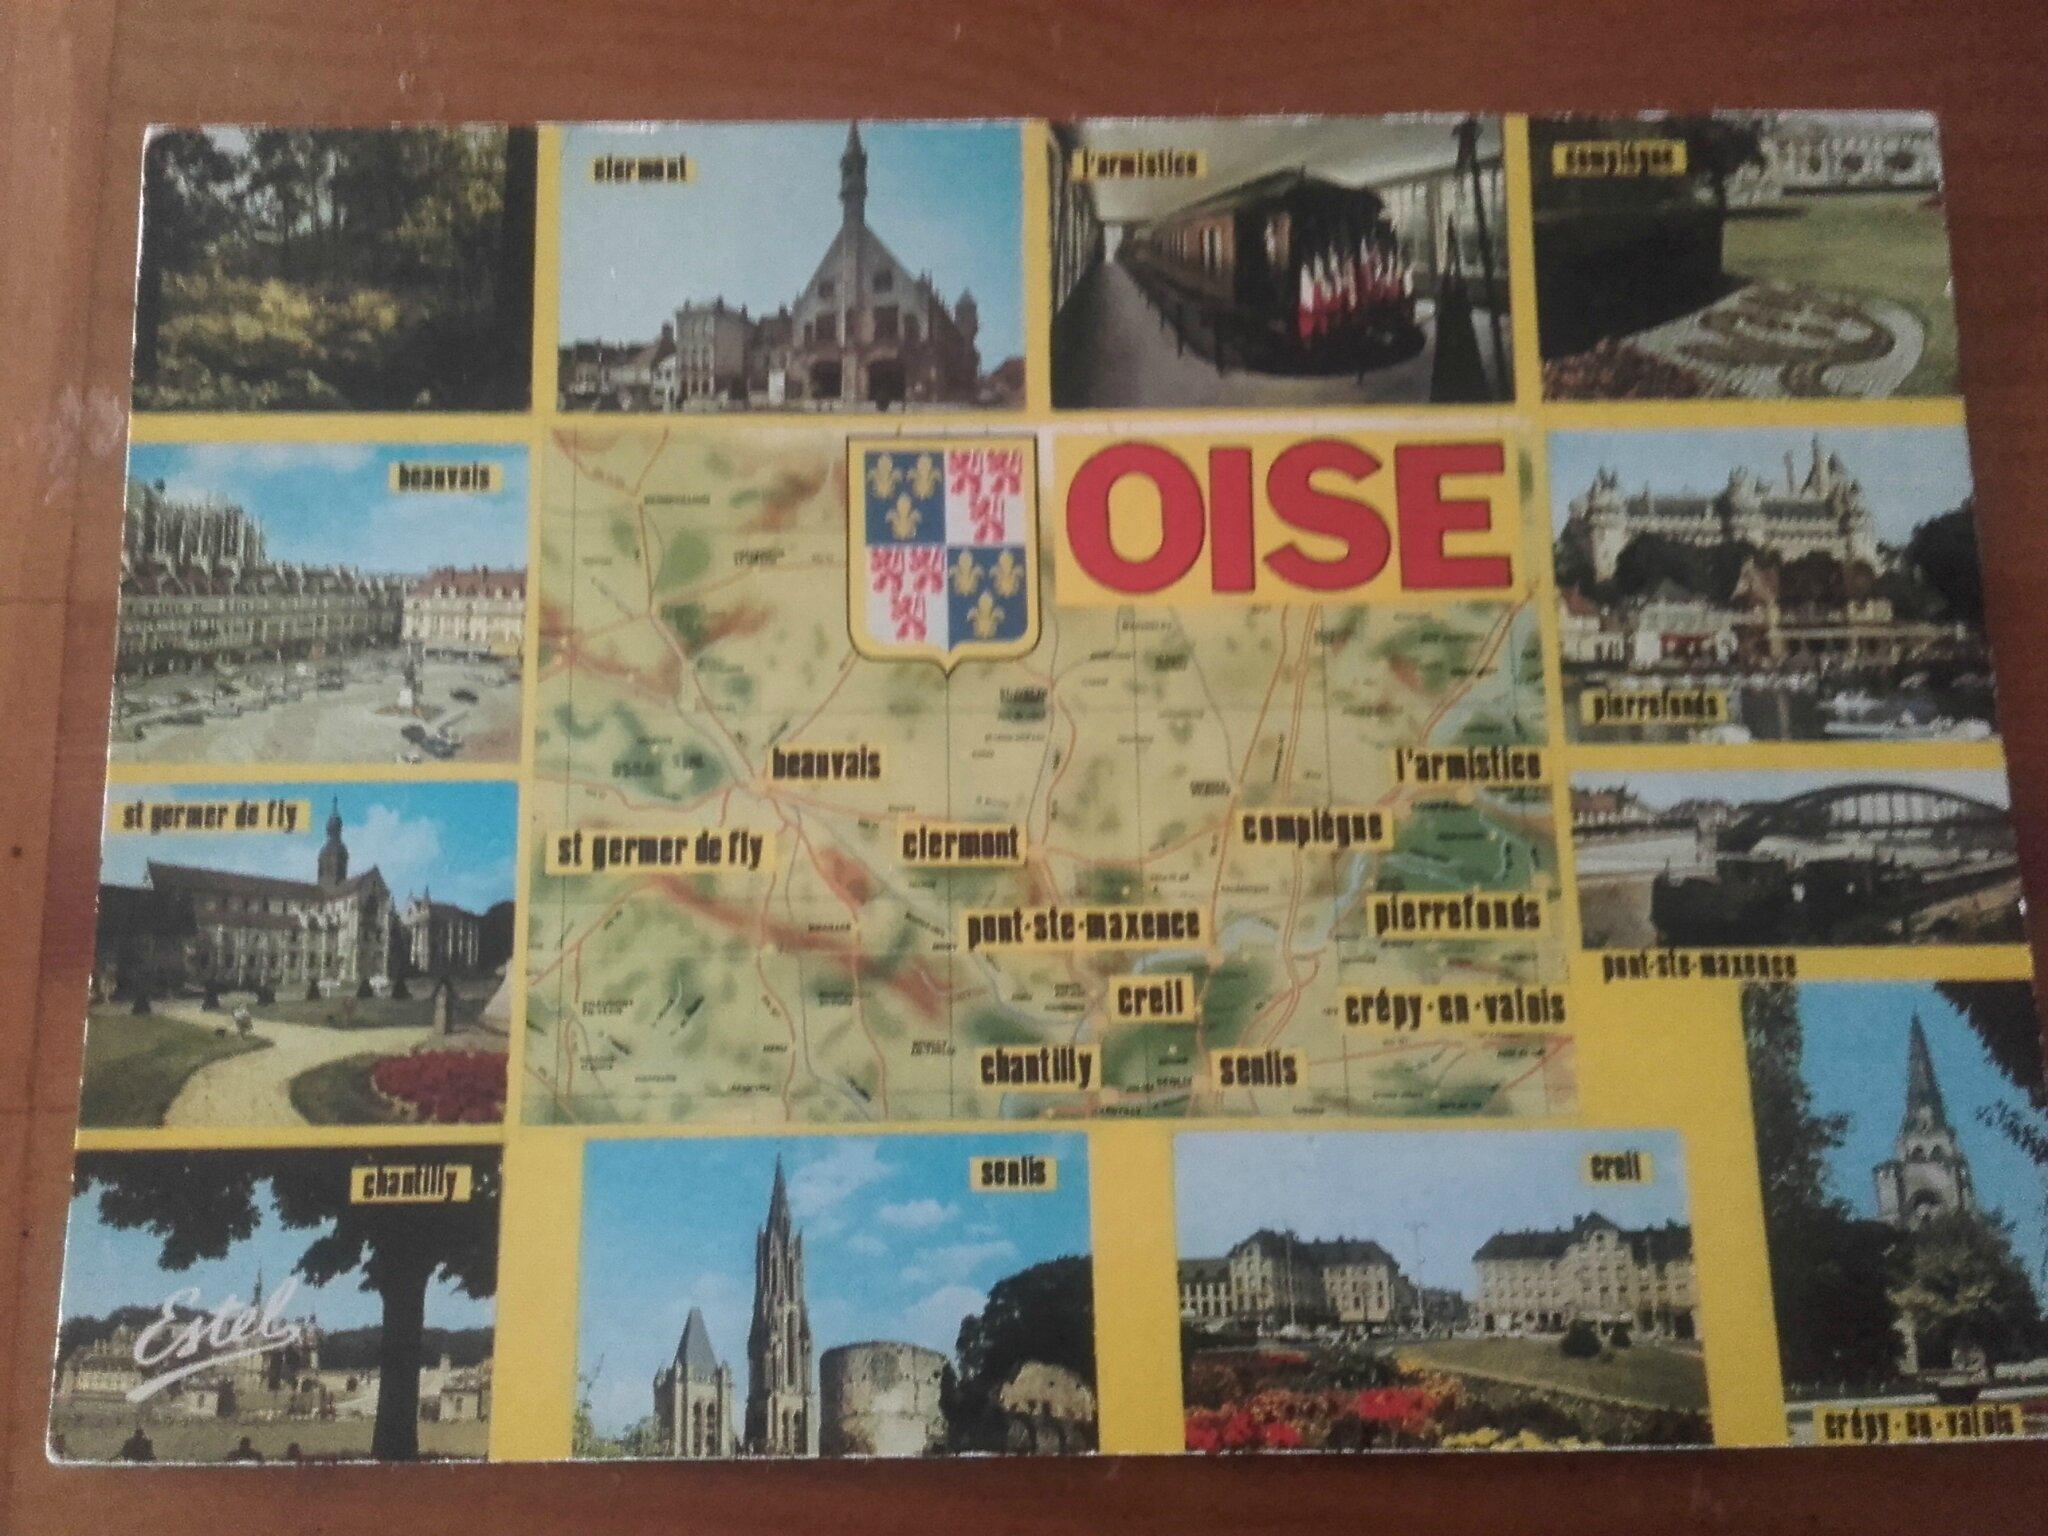 0 OISE